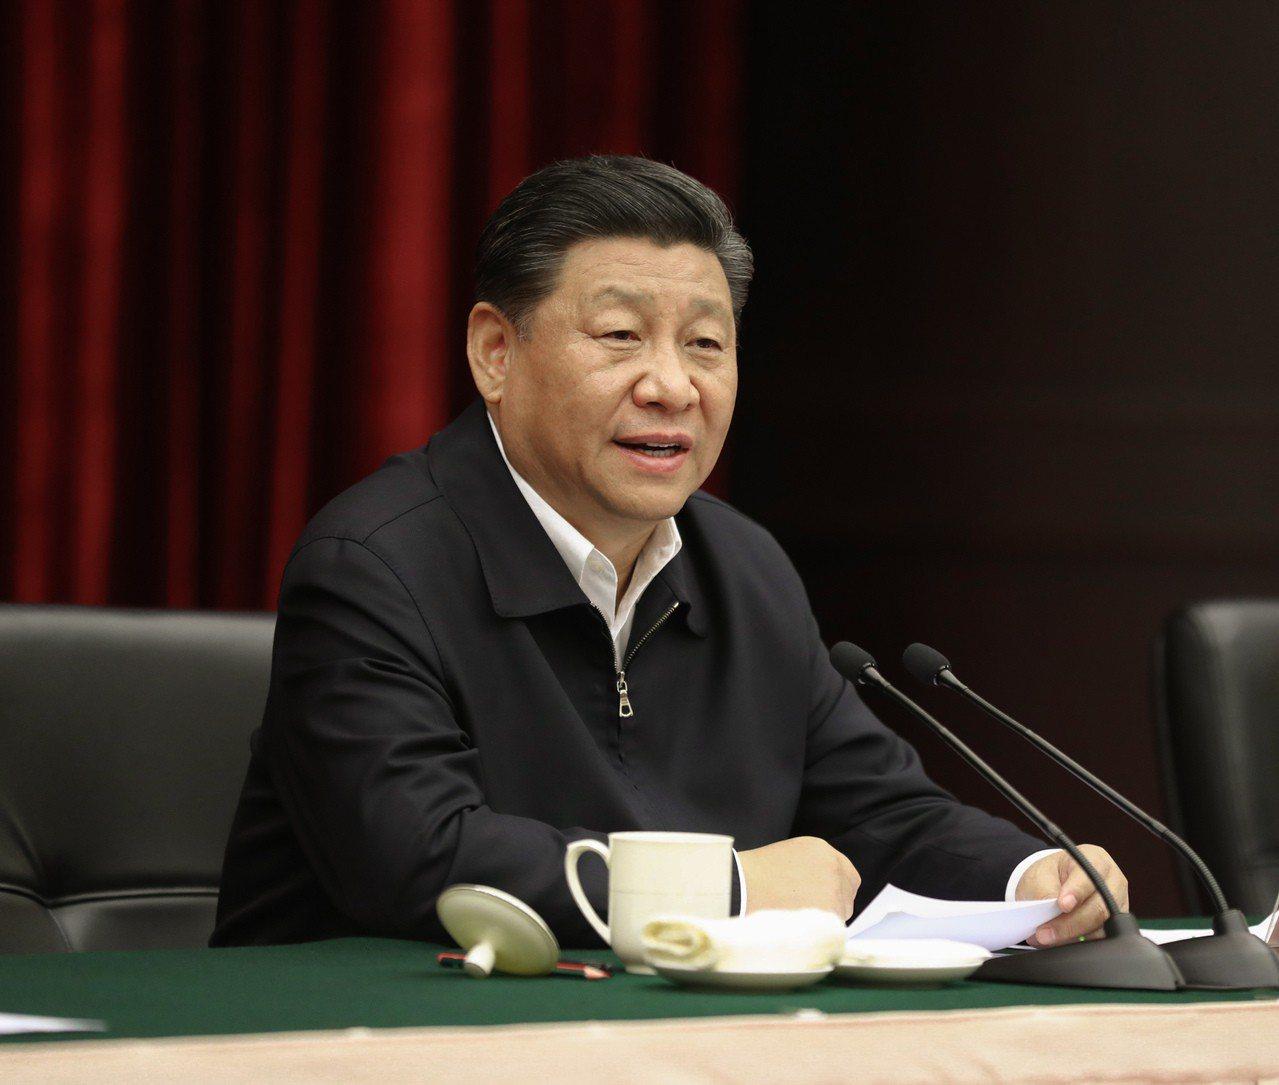 中國國家主席習近平希望透過「一帶一路」實現他的「中國夢」。新華社